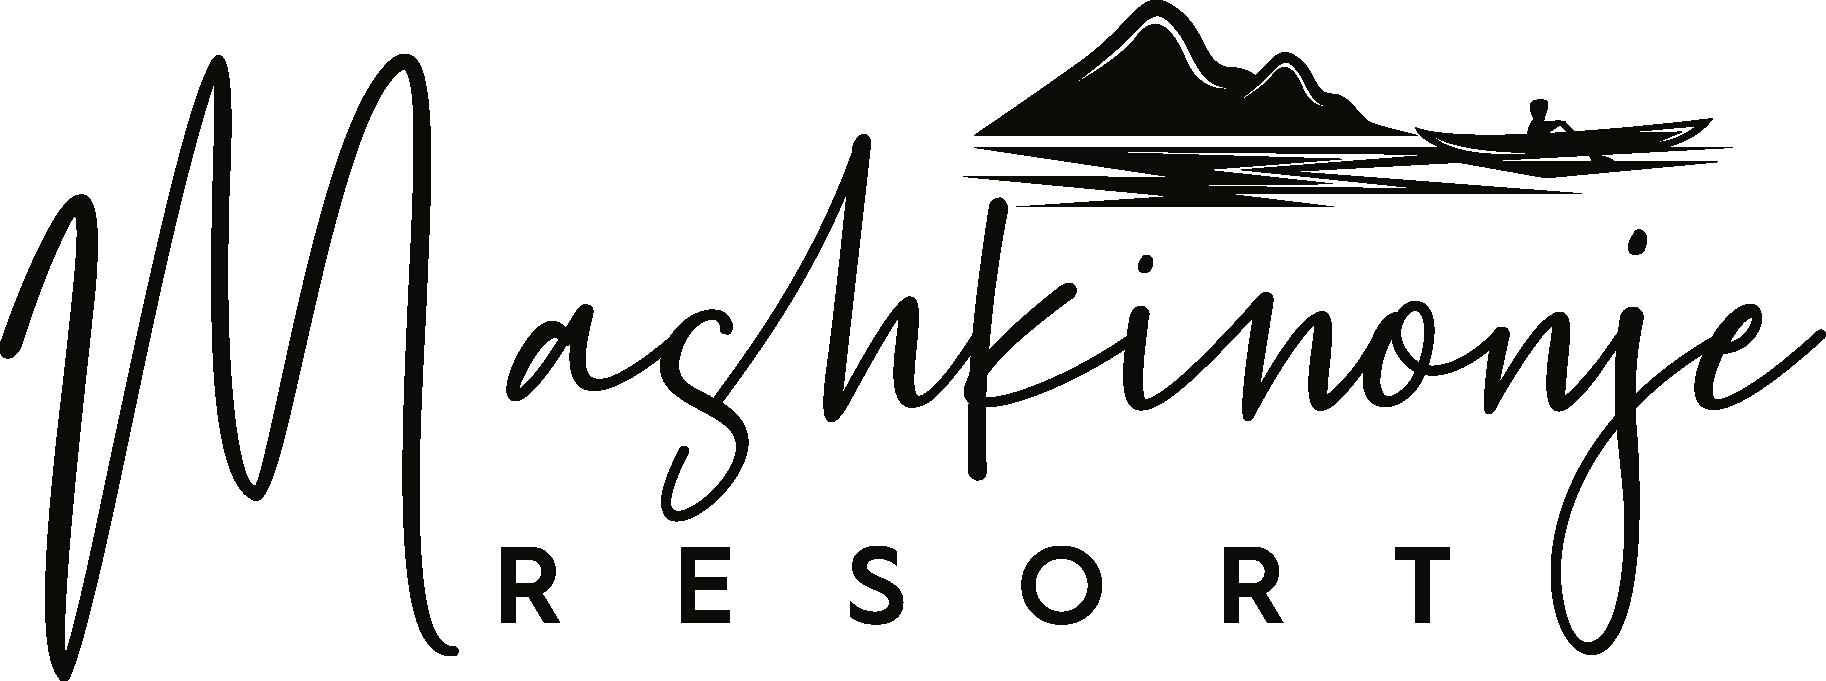 Mashkinonje Resort